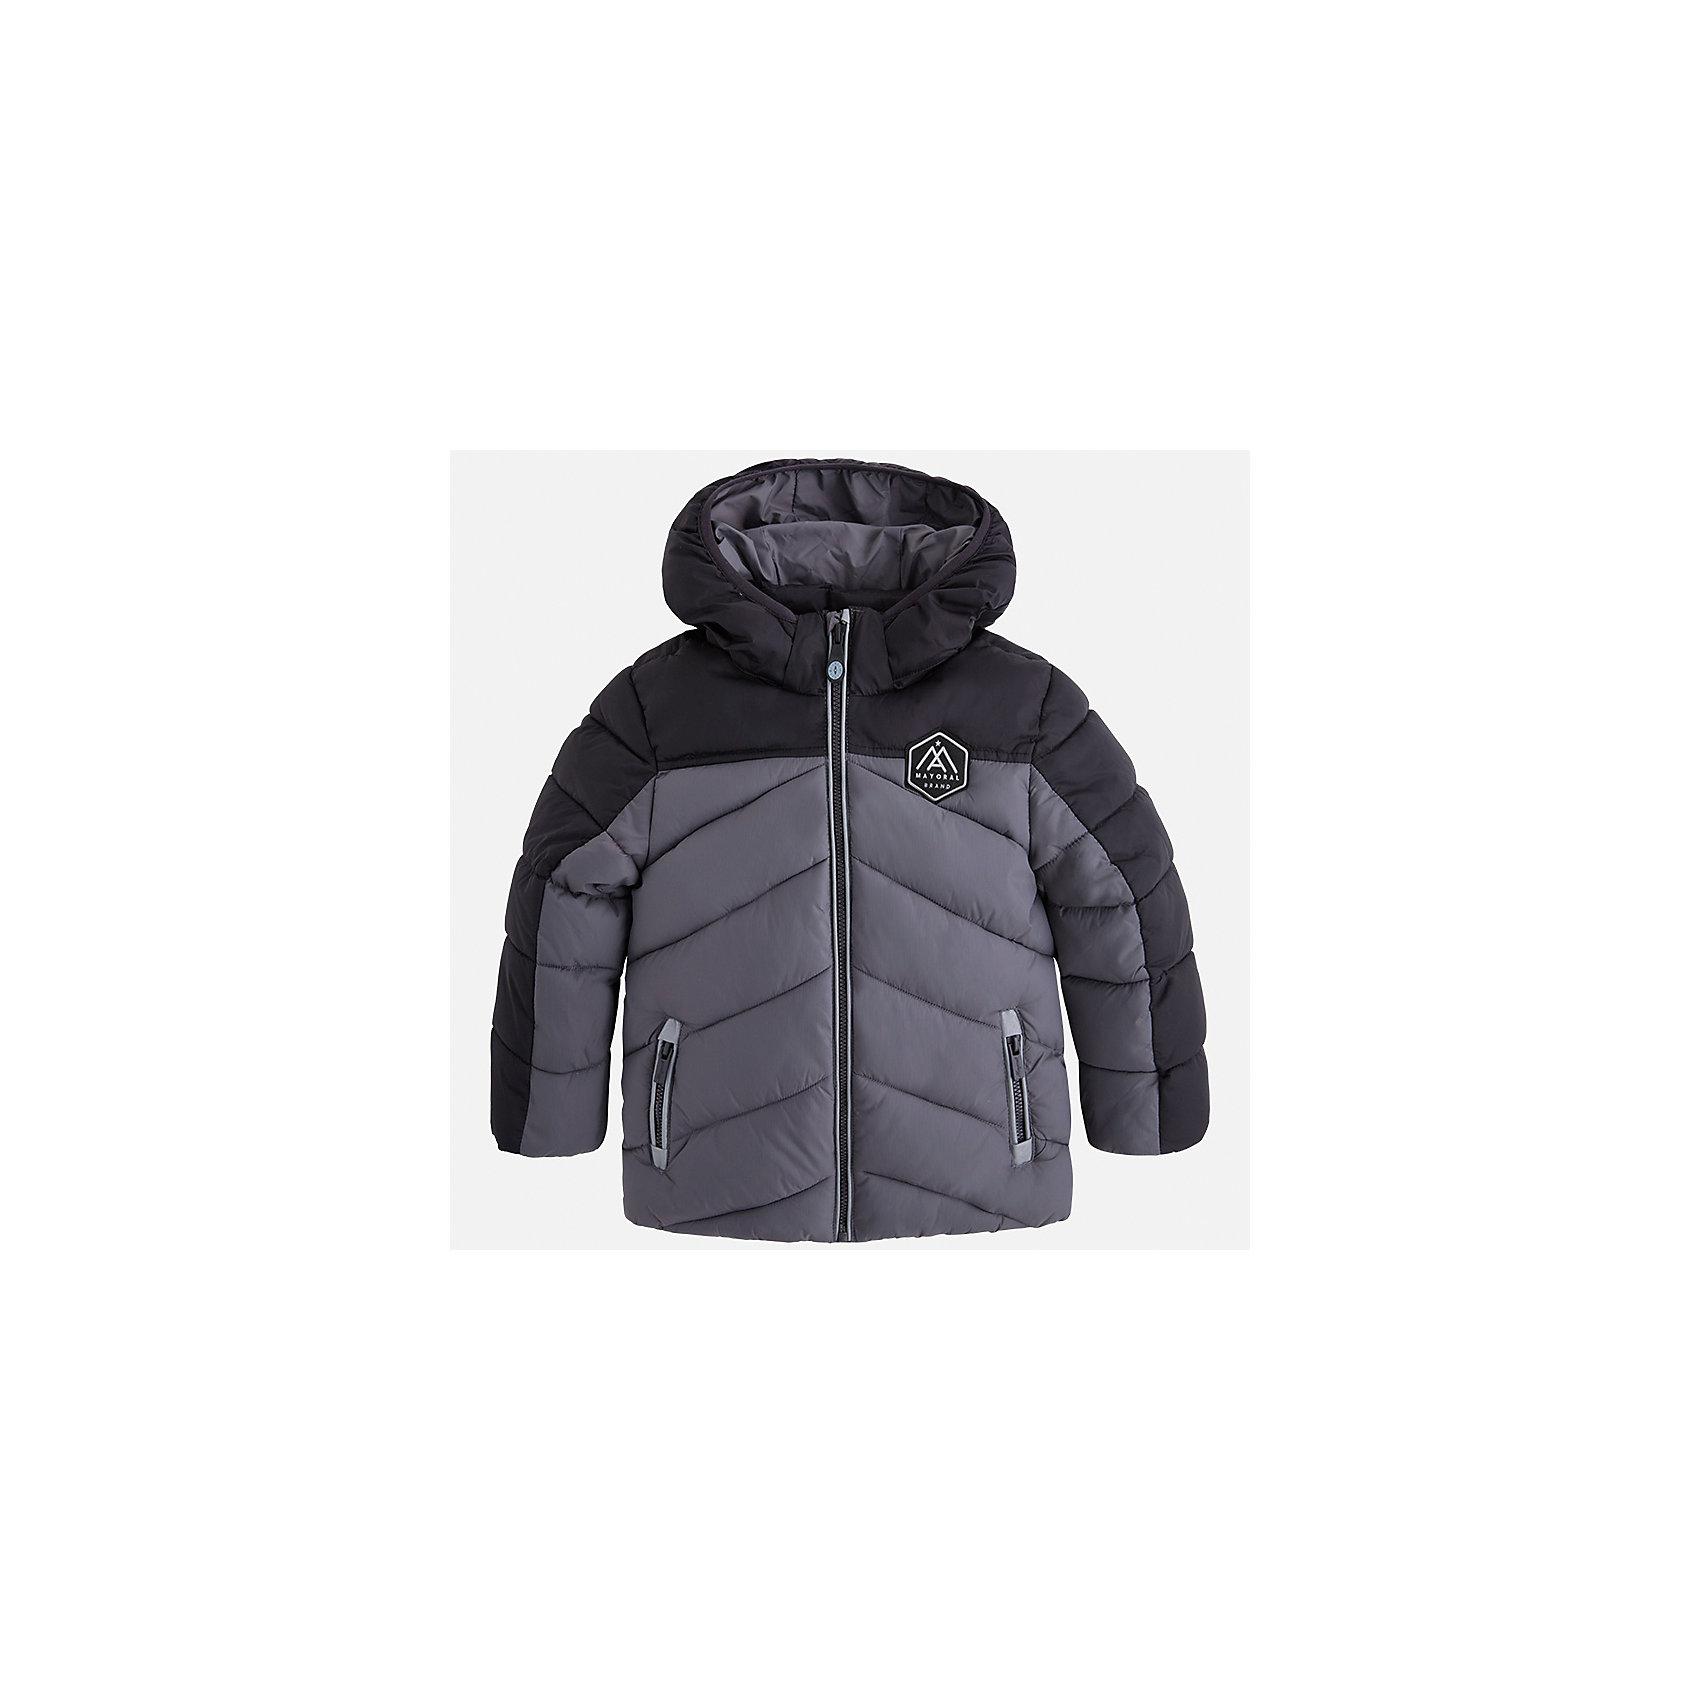 Куртка для мальчика MayoralВерхняя одежда<br>Характеристики товара:<br><br>• цвет: серый<br>• состав ткани: 100% полиамид<br>• подкладка: 100% полиамид<br>• утеплитель: 100% полиэстер<br>• сезон: демисезон<br>• температурный режим: от -10 до +10<br>• особенности модели: с капюшоном, дутая, стеганая<br>• карманы на молнии<br>• застежка: пуговицы<br>• страна бренда: Испания<br>• страна изготовитель: Индия<br><br>Стильная демисезонная детская куртка подойдет для переменной погоды. Отличный способ обеспечить ребенку тепло и комфорт - надеть теплую куртку от Mayoral. Детская куртка сшита из приятного на ощупь материала. Куртка для мальчика Mayoral дополнена теплой подкладкой.<br><br>Куртку для мальчика Mayoral (Майорал) можно купить в нашем интернет-магазине.<br><br>Ширина мм: 356<br>Глубина мм: 10<br>Высота мм: 245<br>Вес г: 519<br>Цвет: серый<br>Возраст от месяцев: 96<br>Возраст до месяцев: 108<br>Пол: Мужской<br>Возраст: Детский<br>Размер: 134,92,98,104,110,116,122,128<br>SKU: 6934787